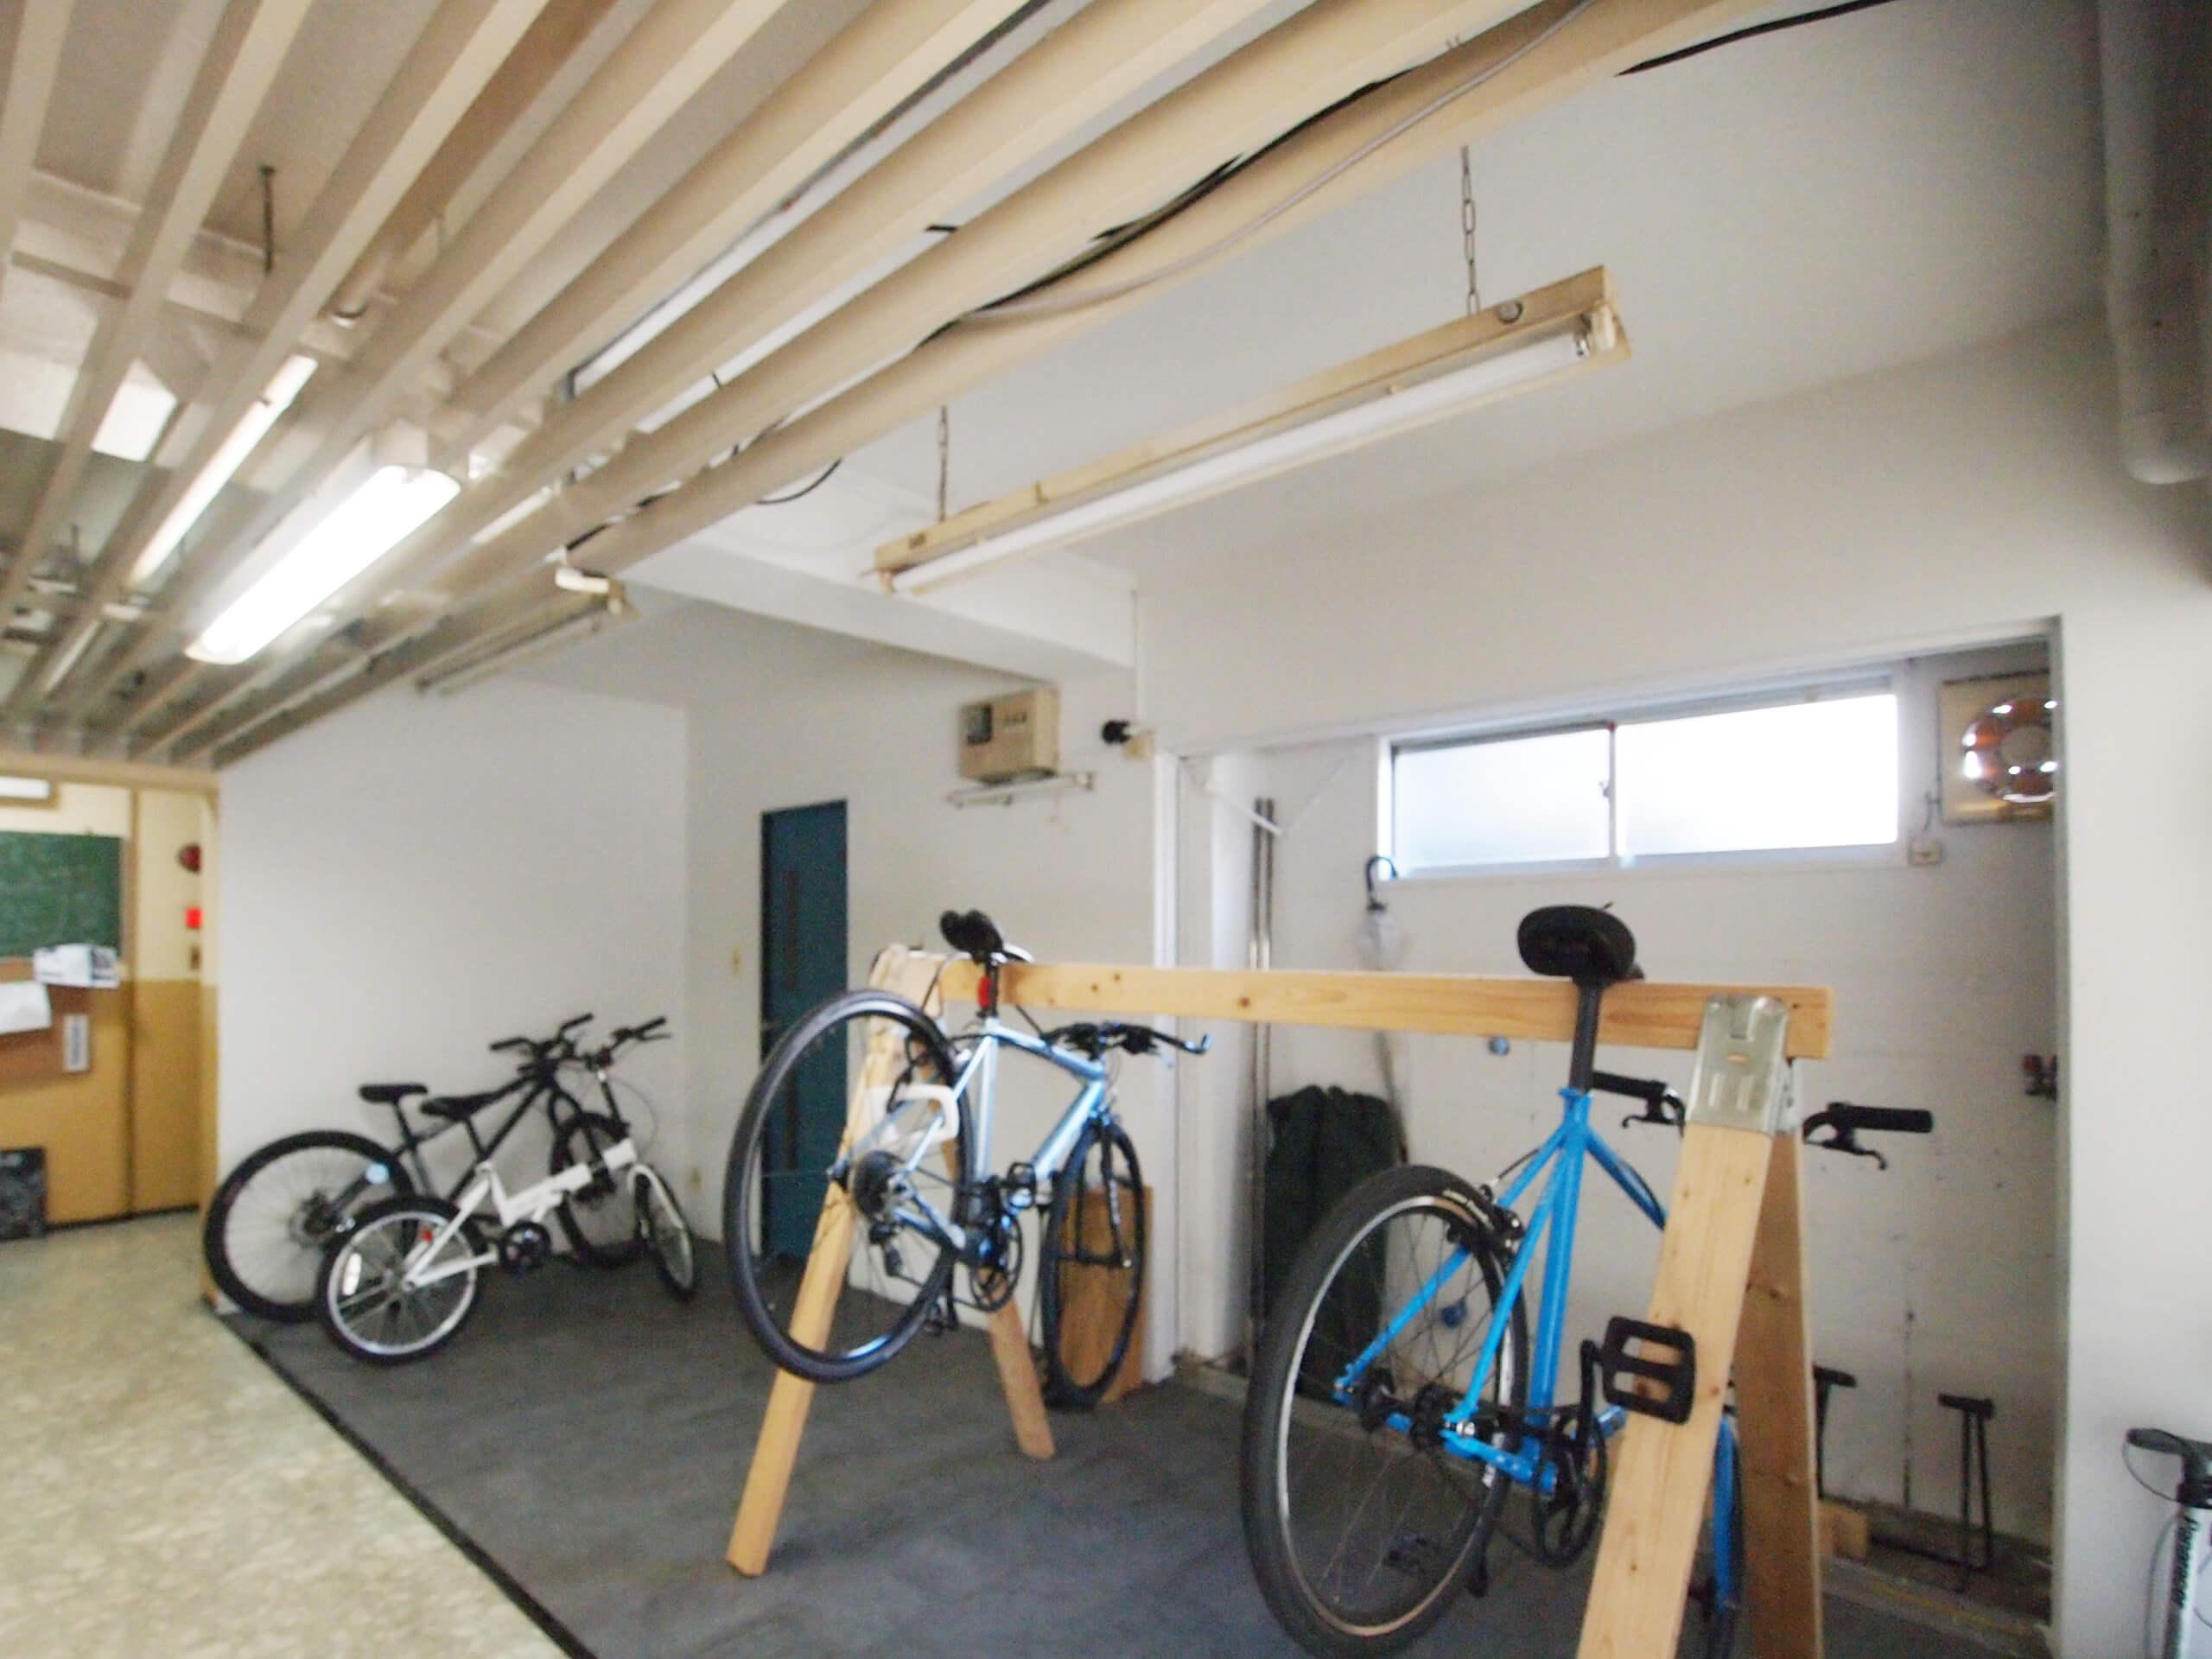 【共用部】屋内に駐輪場があるのはうれしい。ここで自転車のメンテナンスもできる